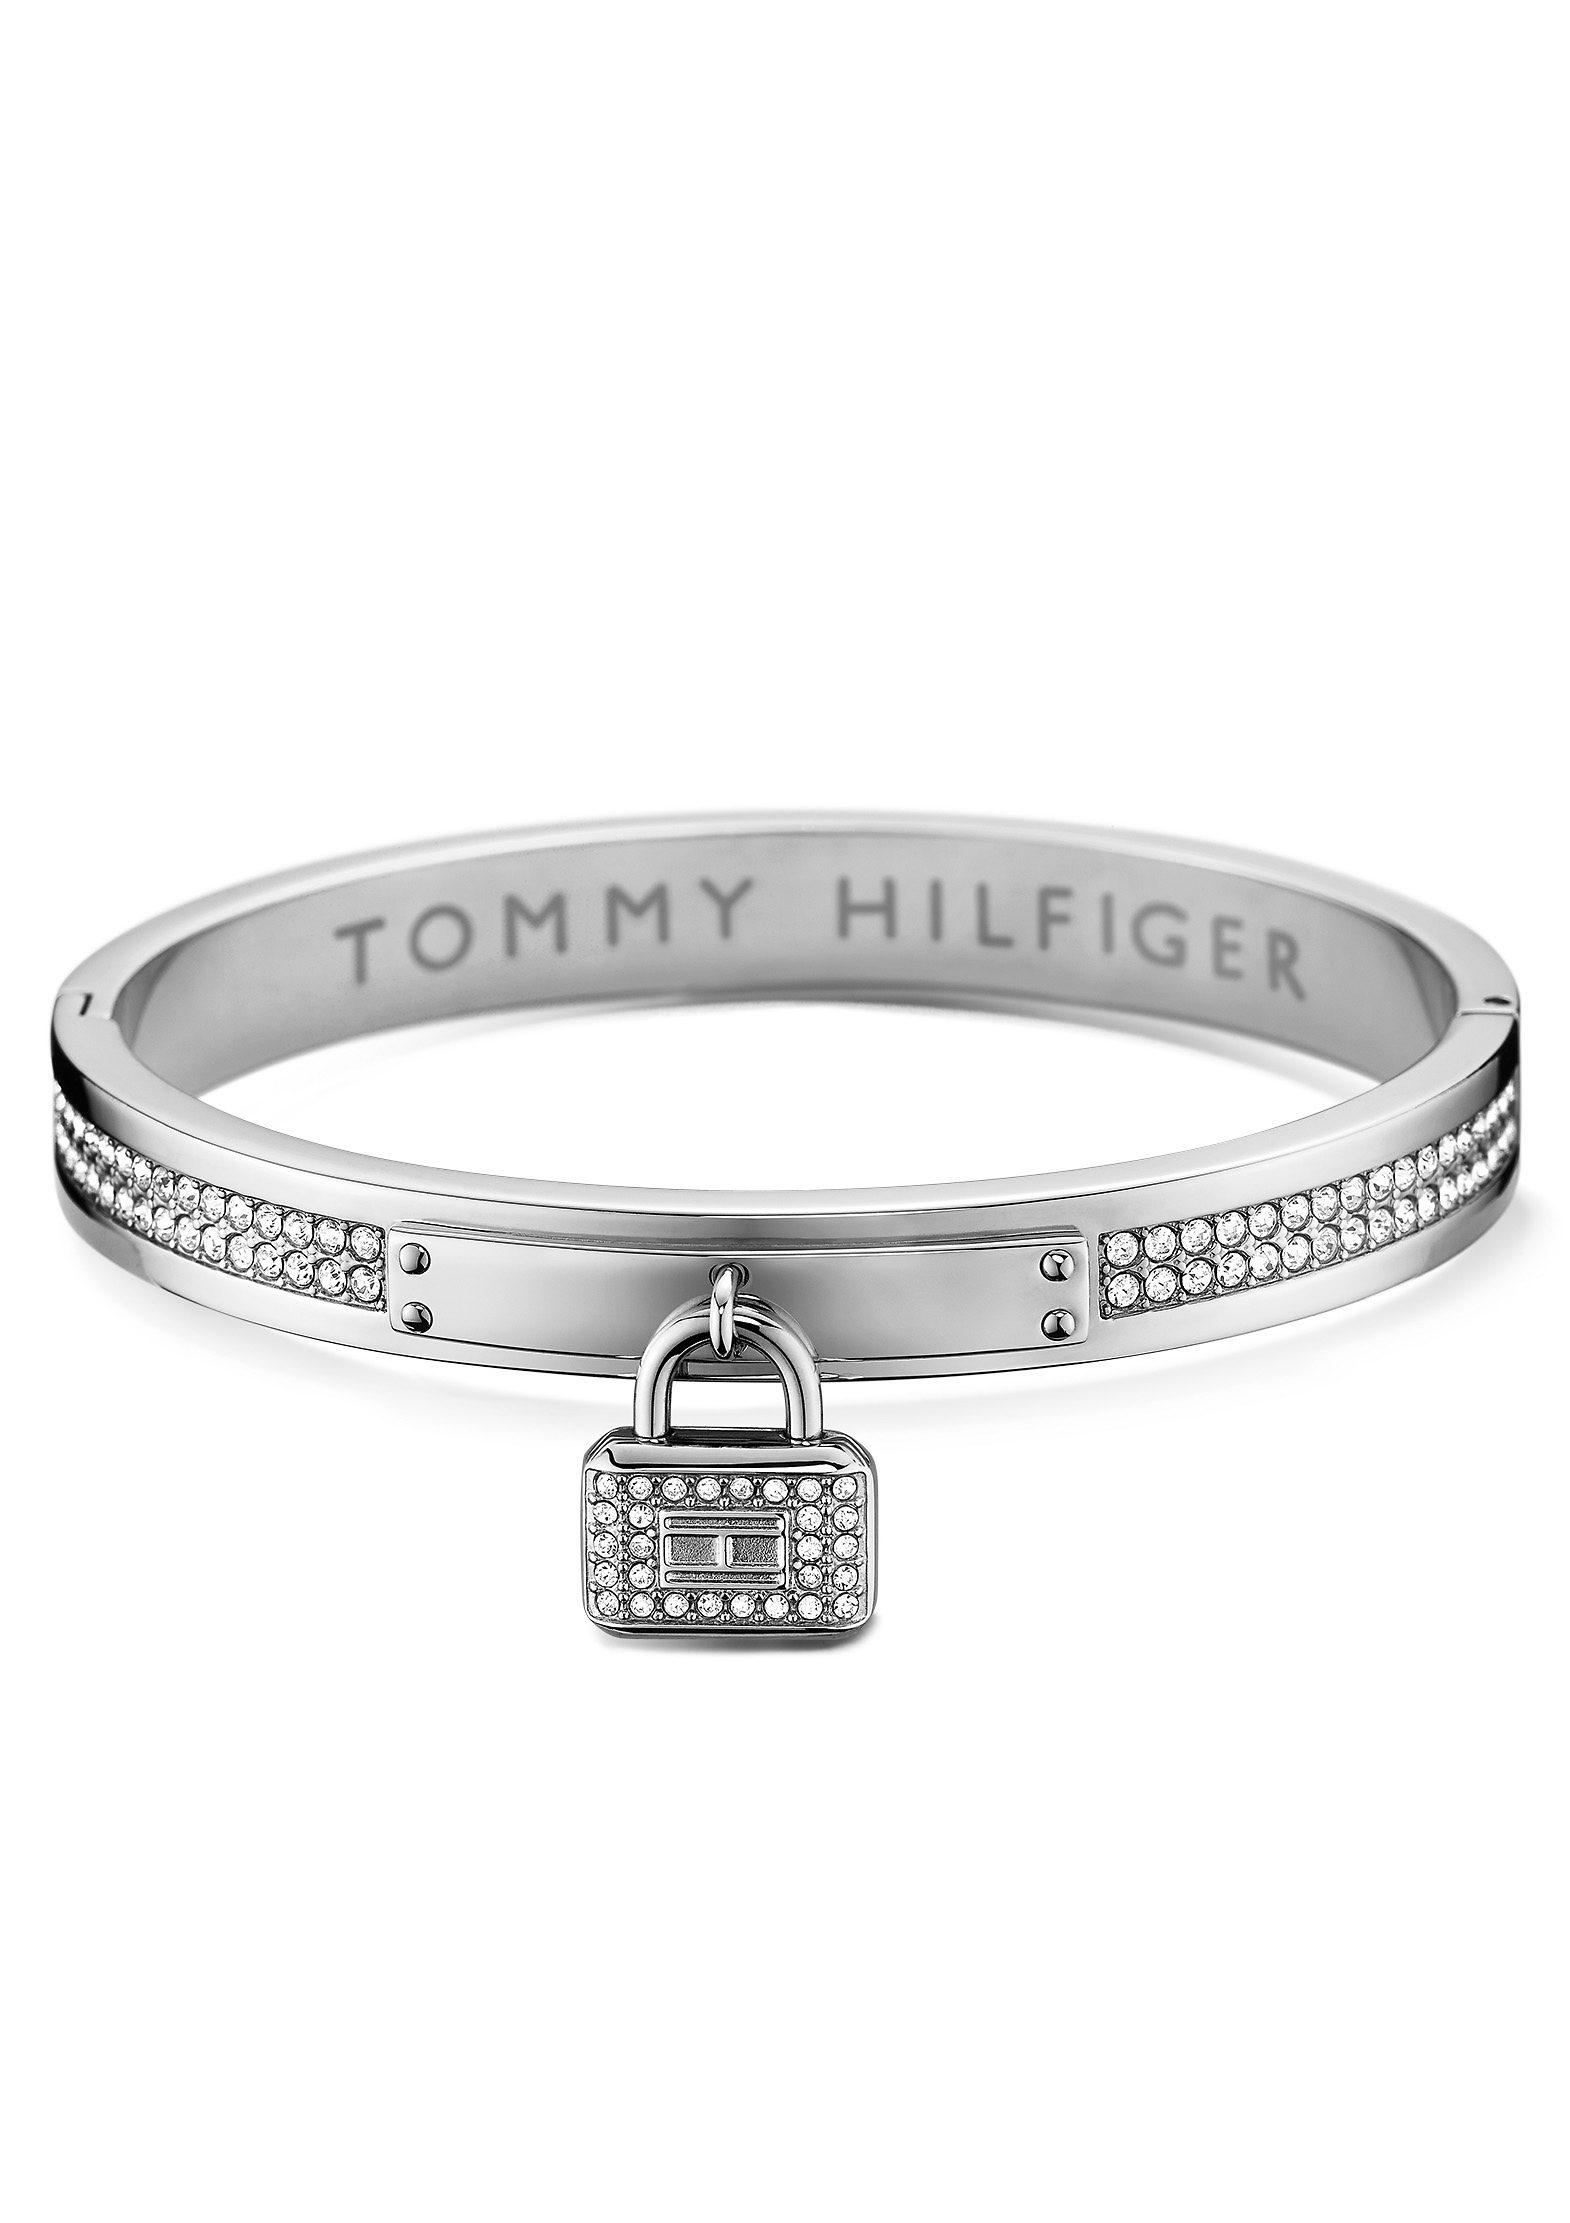 Tommy Hilfiger Armreif mit Schloss, »Classic Signature, 2700709«